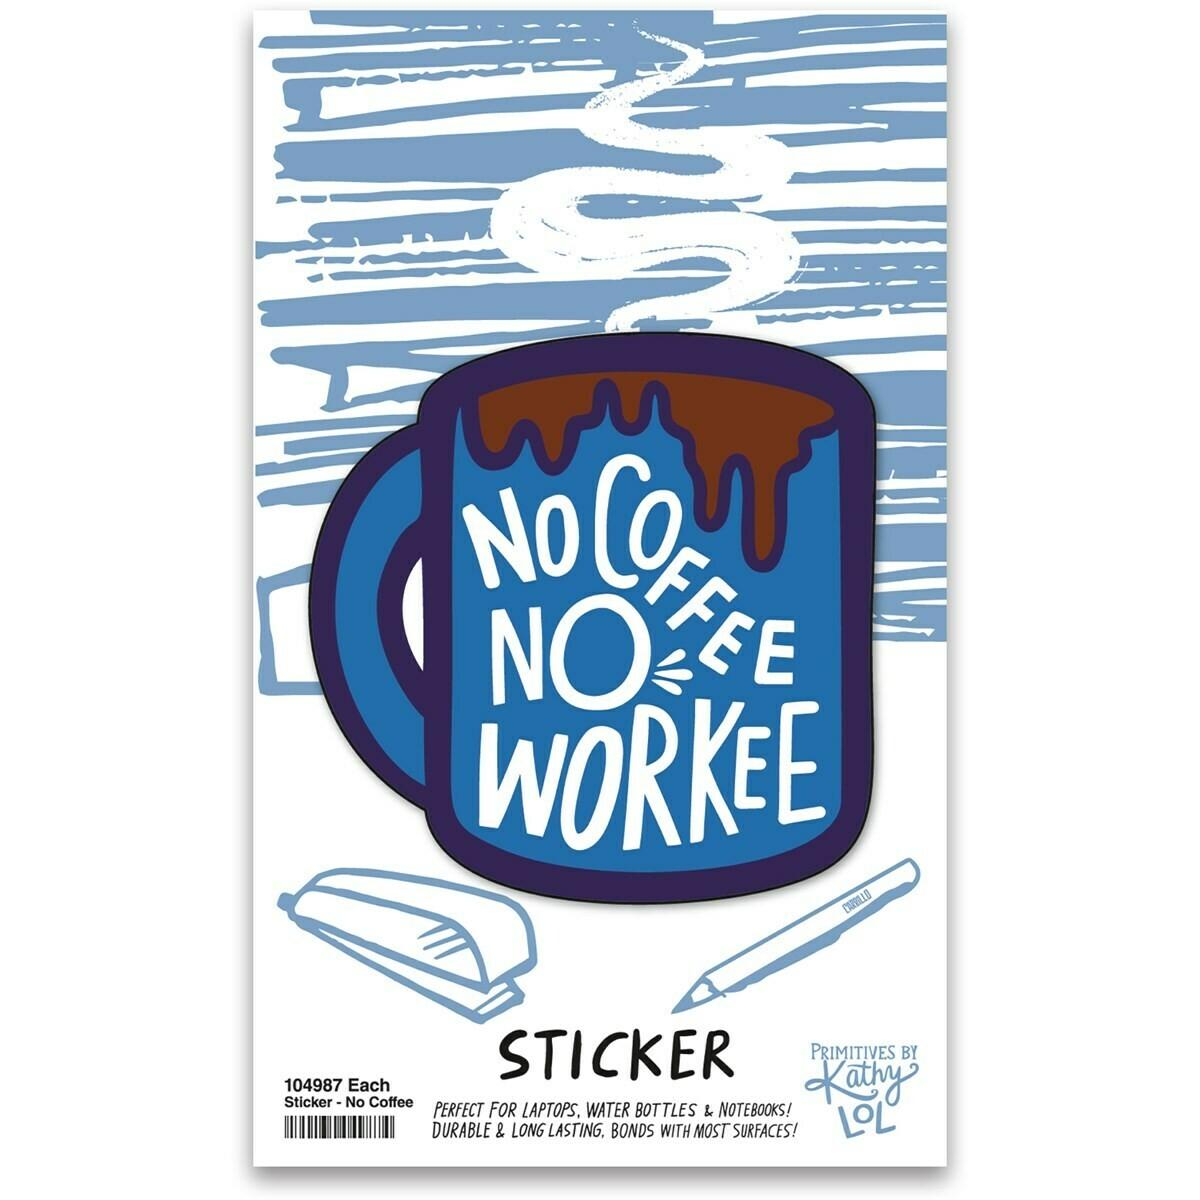 No Coffee No Workee Vinyl Sticker